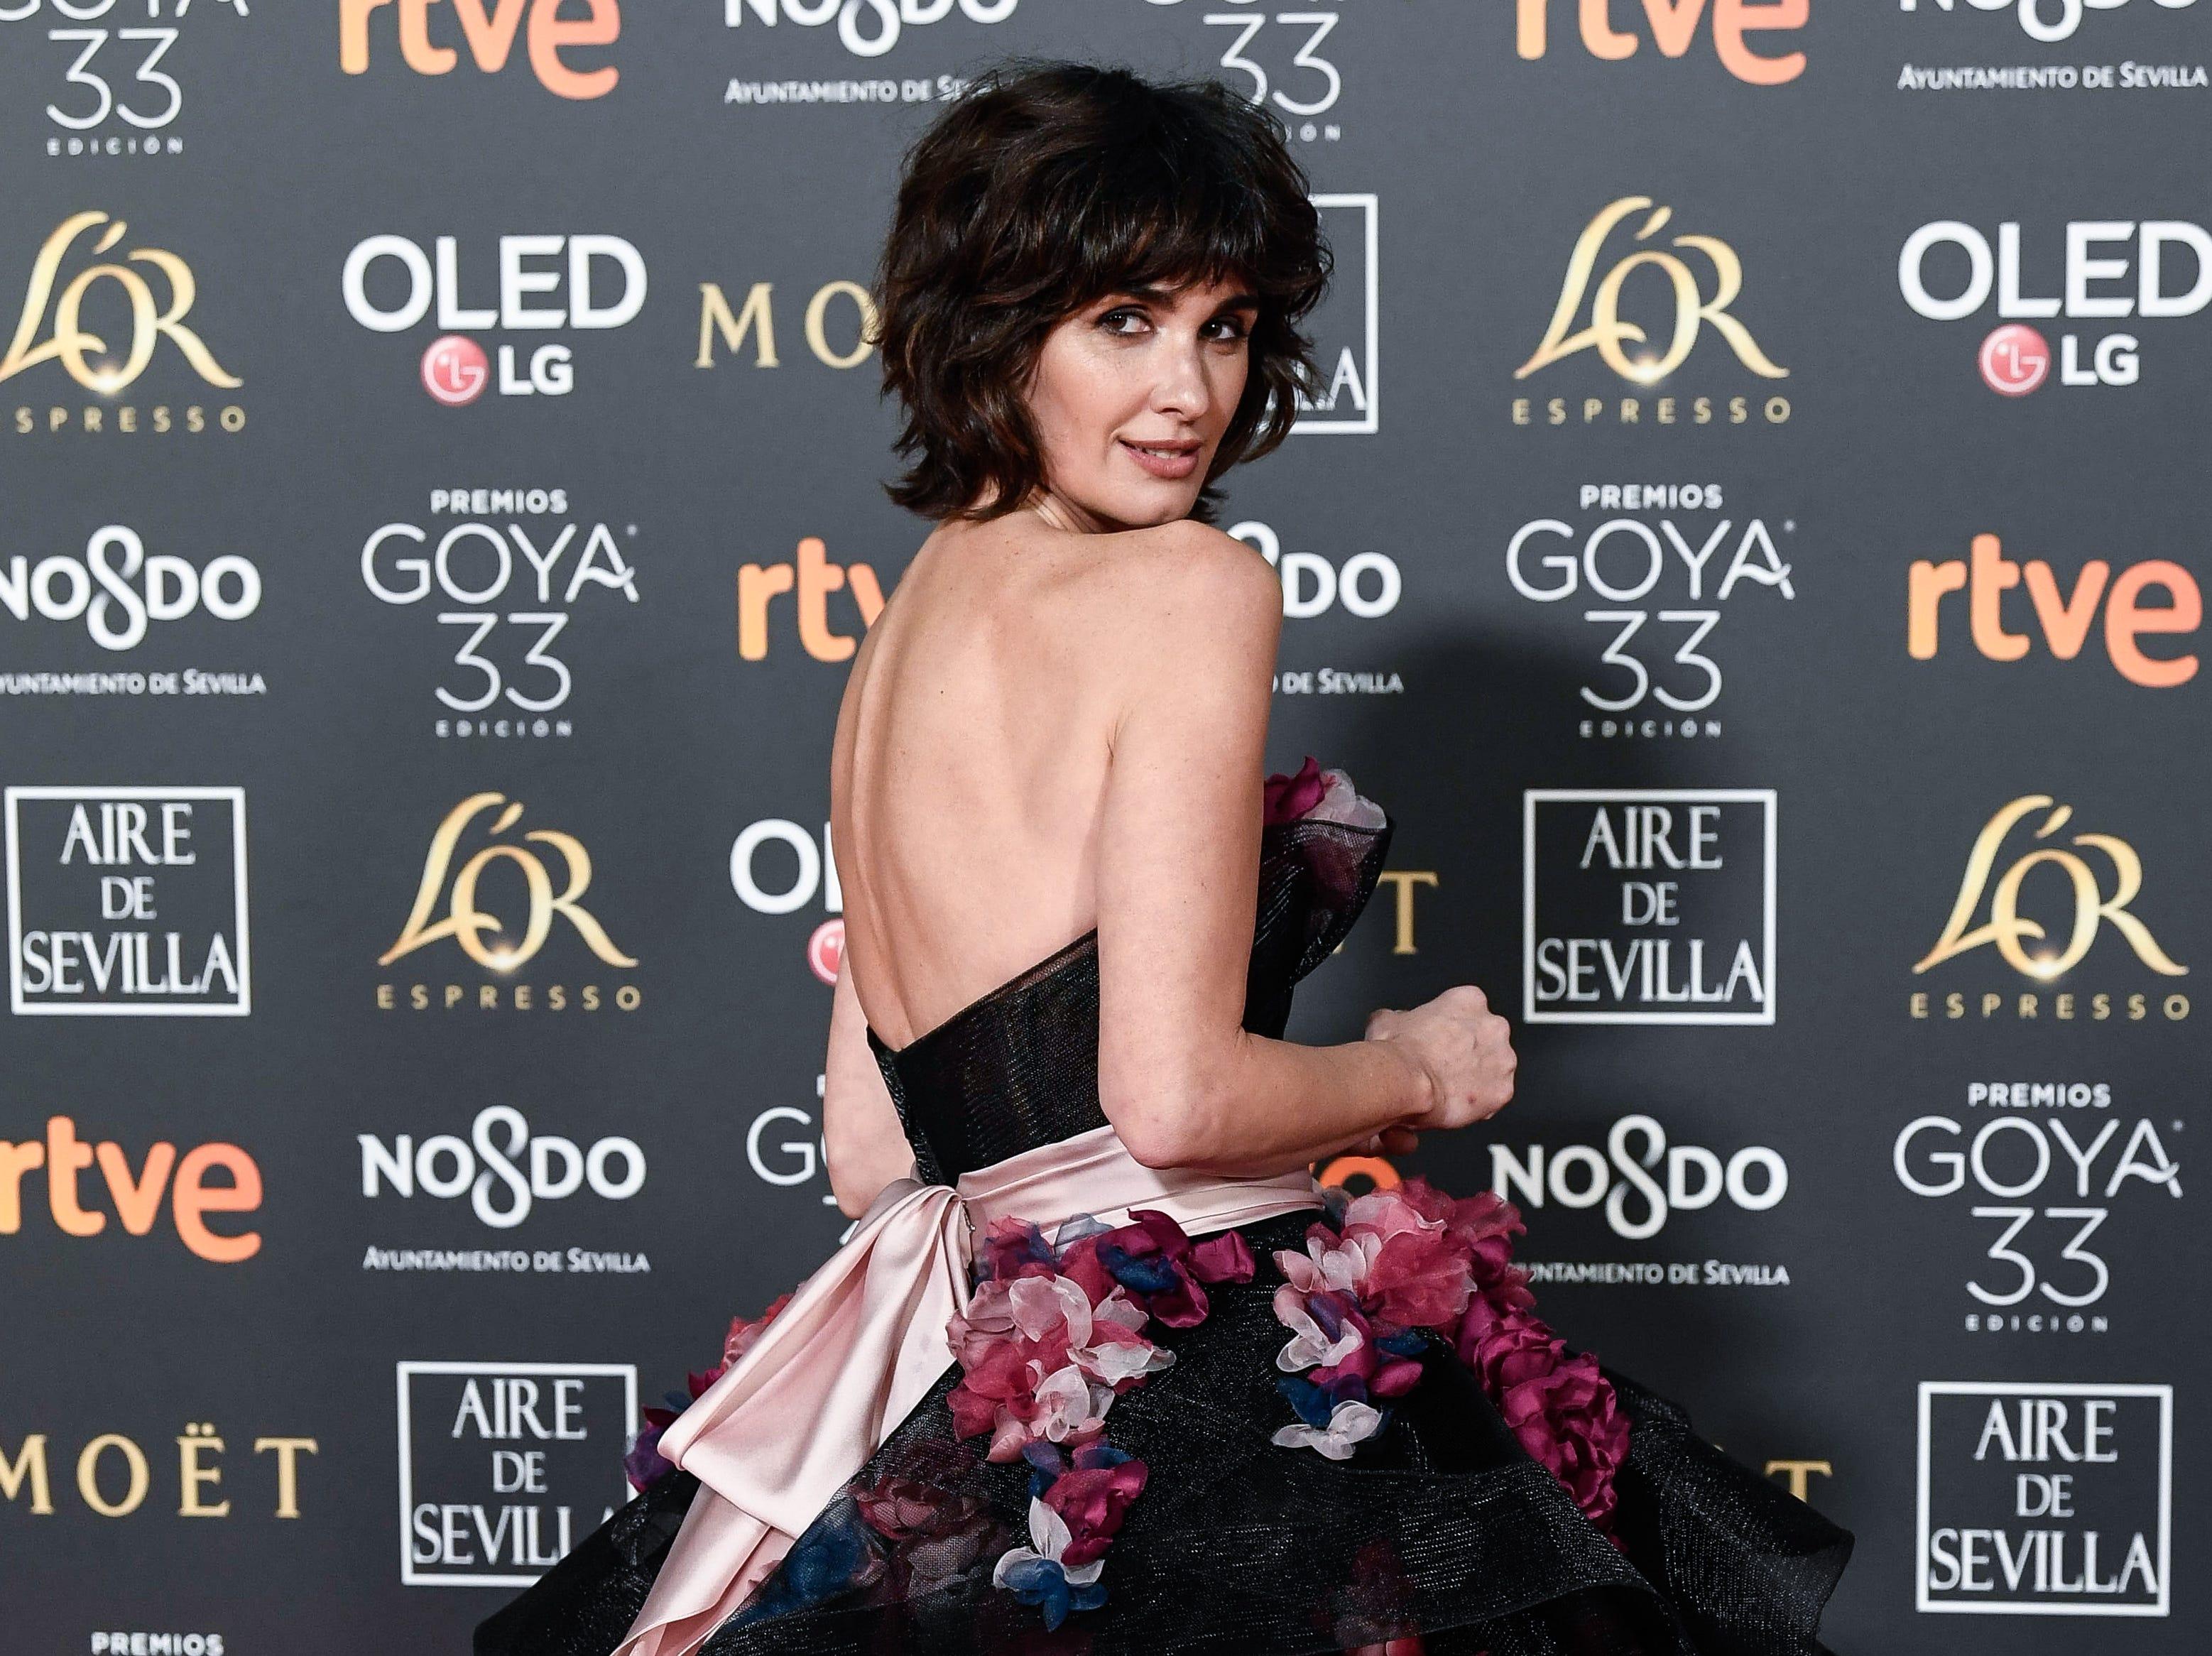 Paz Vega asiste a la 33ª edición de los Premios de Cine Goya en el Palacio de Congresos y Exposiciones FIBES el 2 de febrero de 2019 en Sevilla, España.